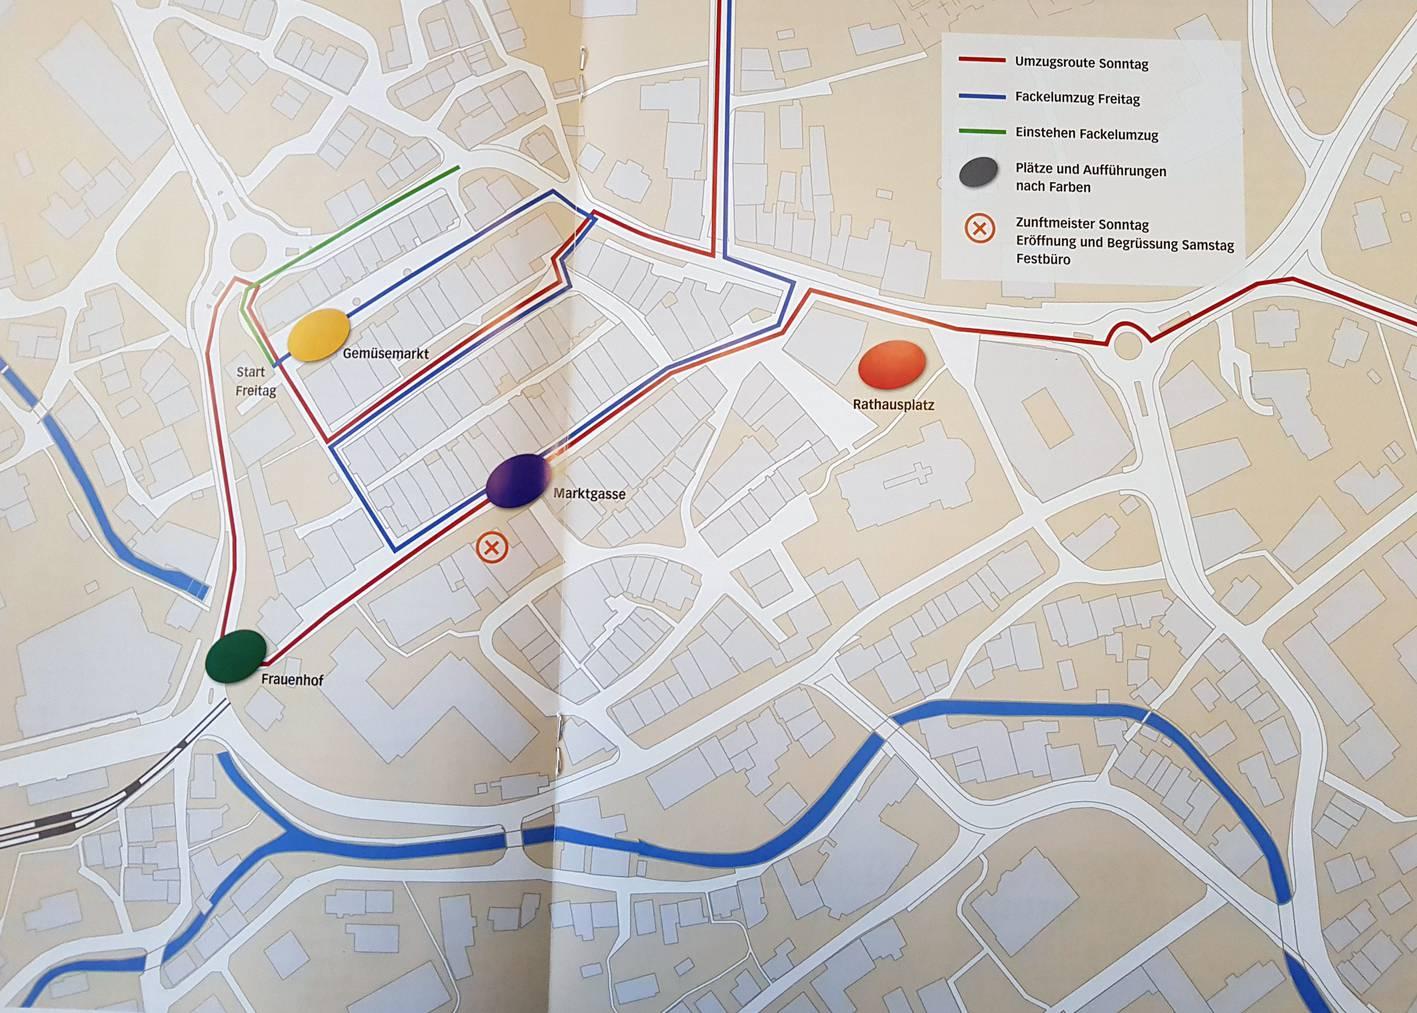 Während des Festwochenendes werden an vier verschiedenen Plätzen der Altstätter Innenstadt die Brauchtümer vorgeführt. (Bild: Festführer/FM1Today)